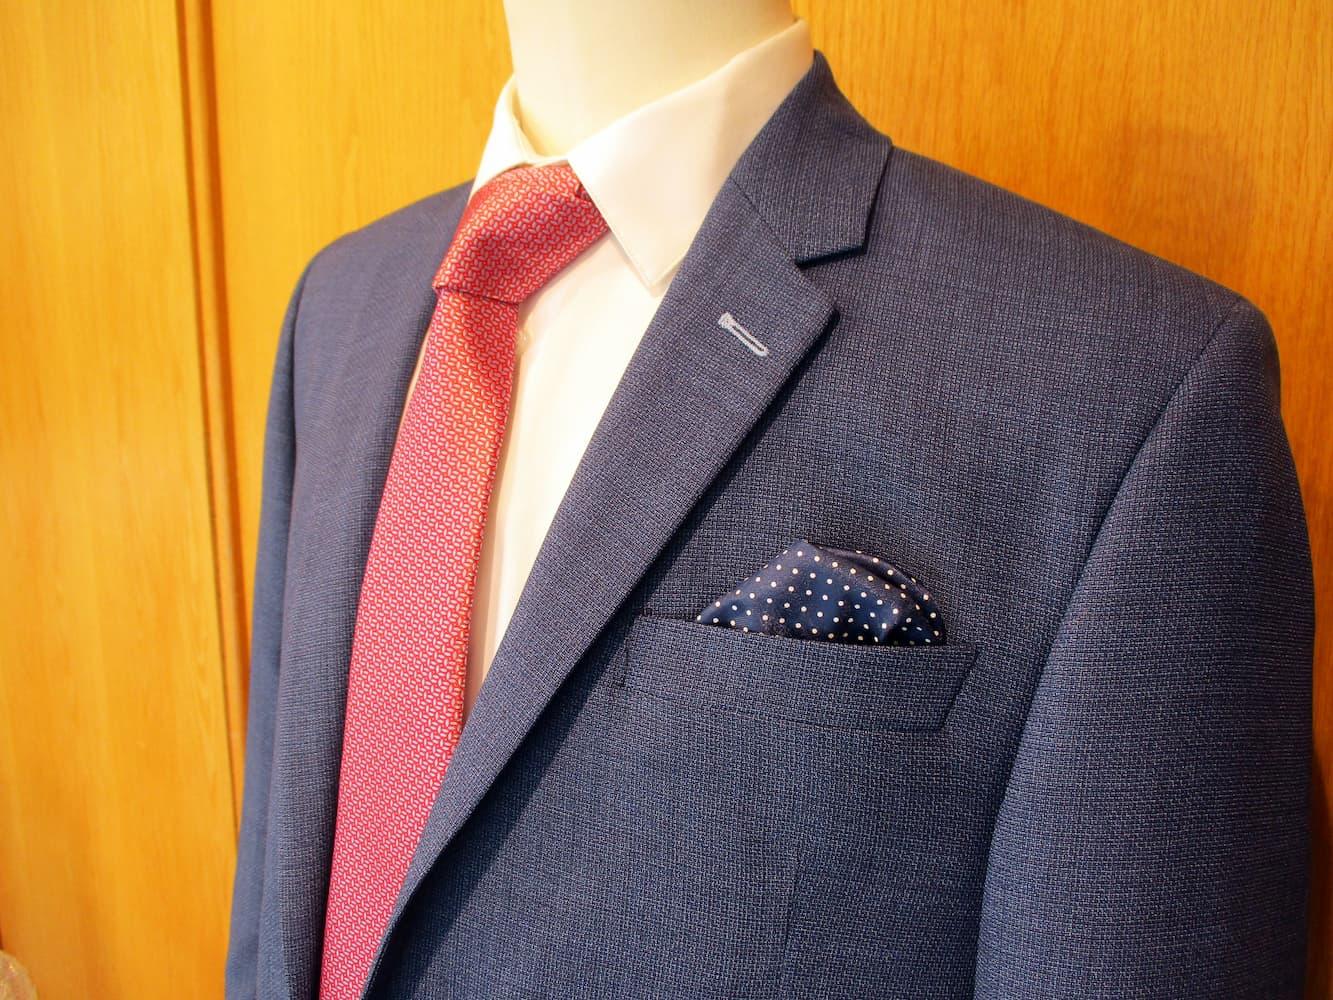 Veste costume bleu marine, cravate rose